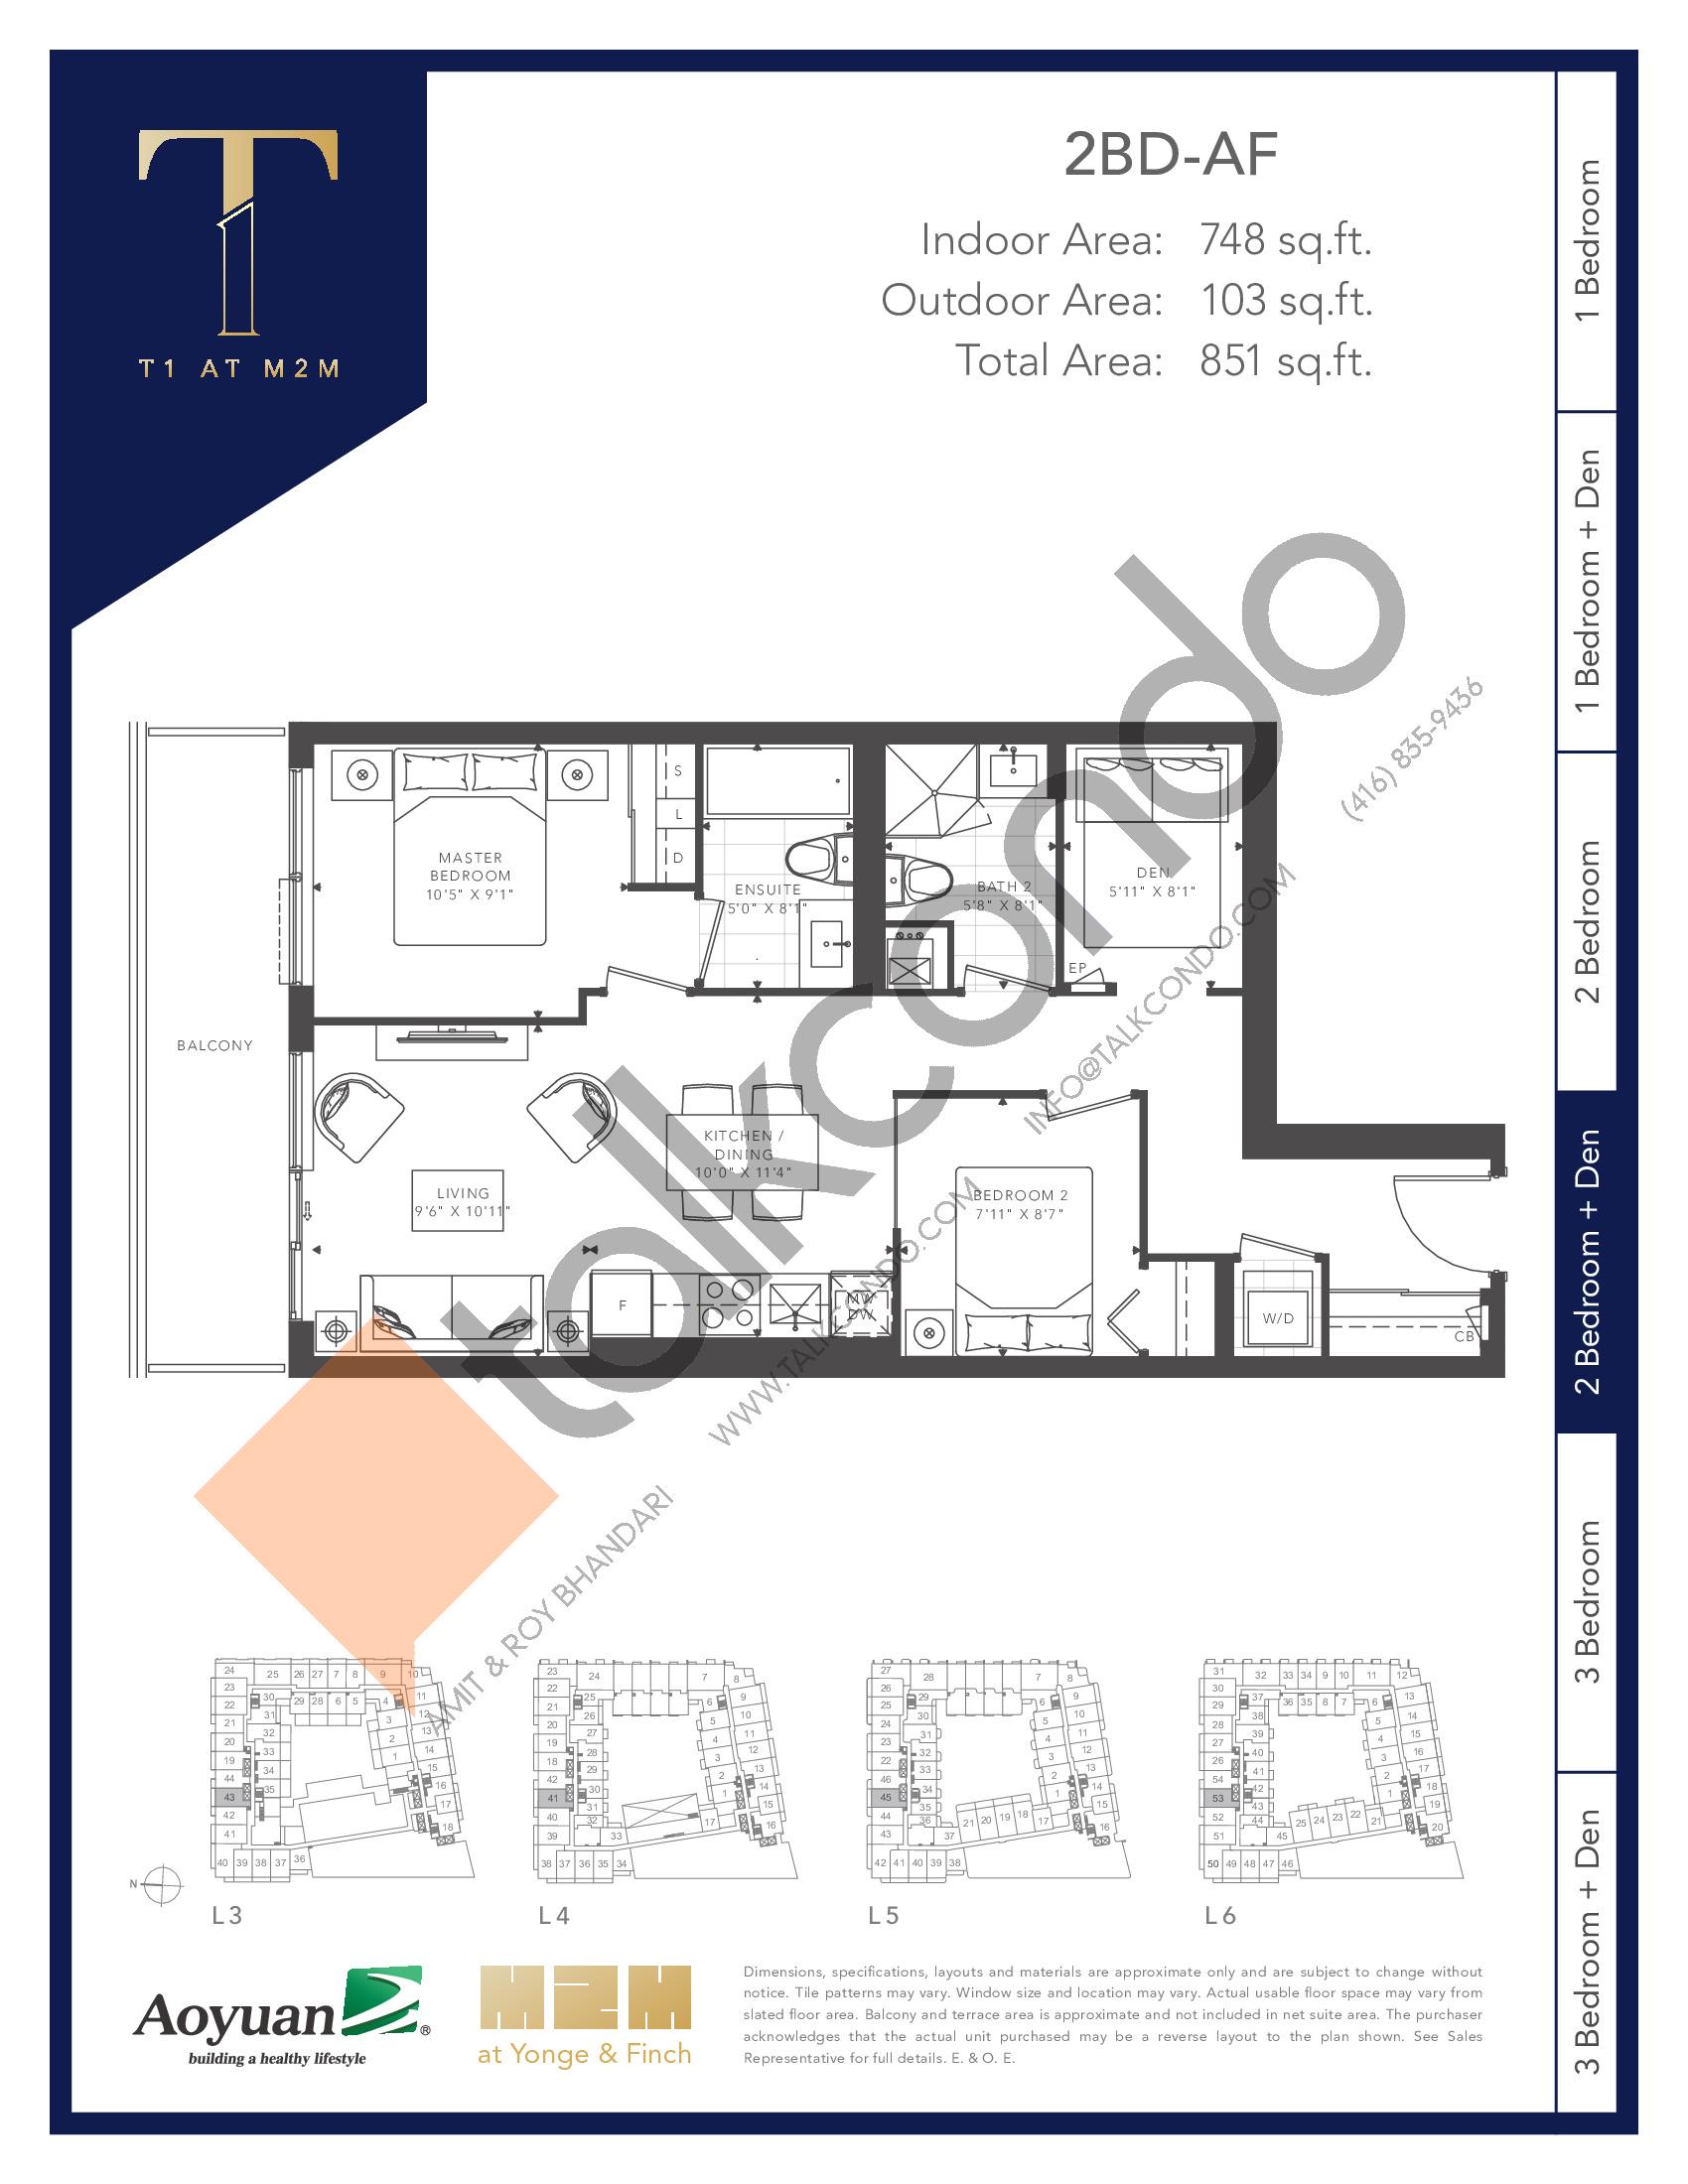 2BD-AF Floor Plan at T1 at M2M Condos - 748 sq.ft